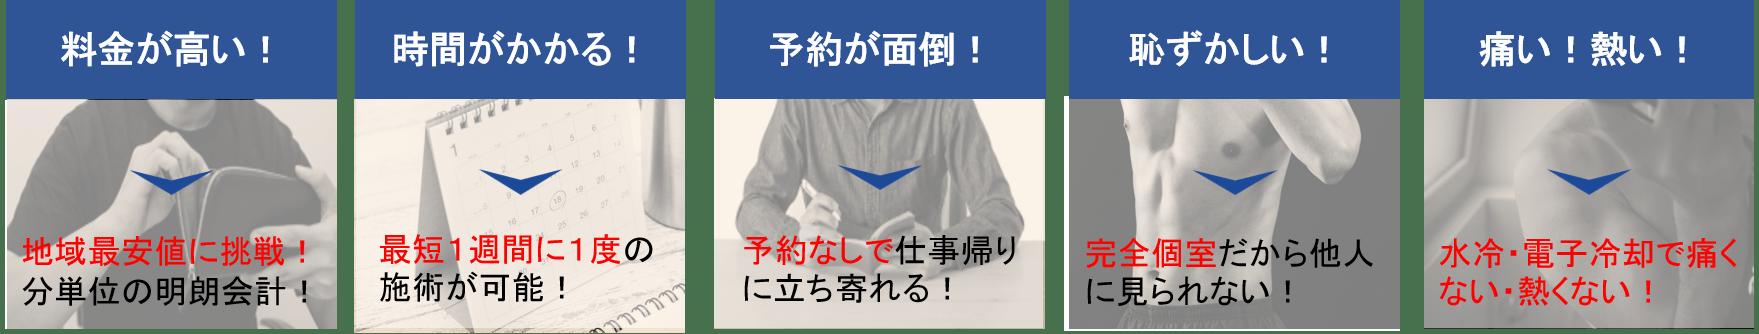 立川店セルフルのTROUBLRについて5点の説明画像